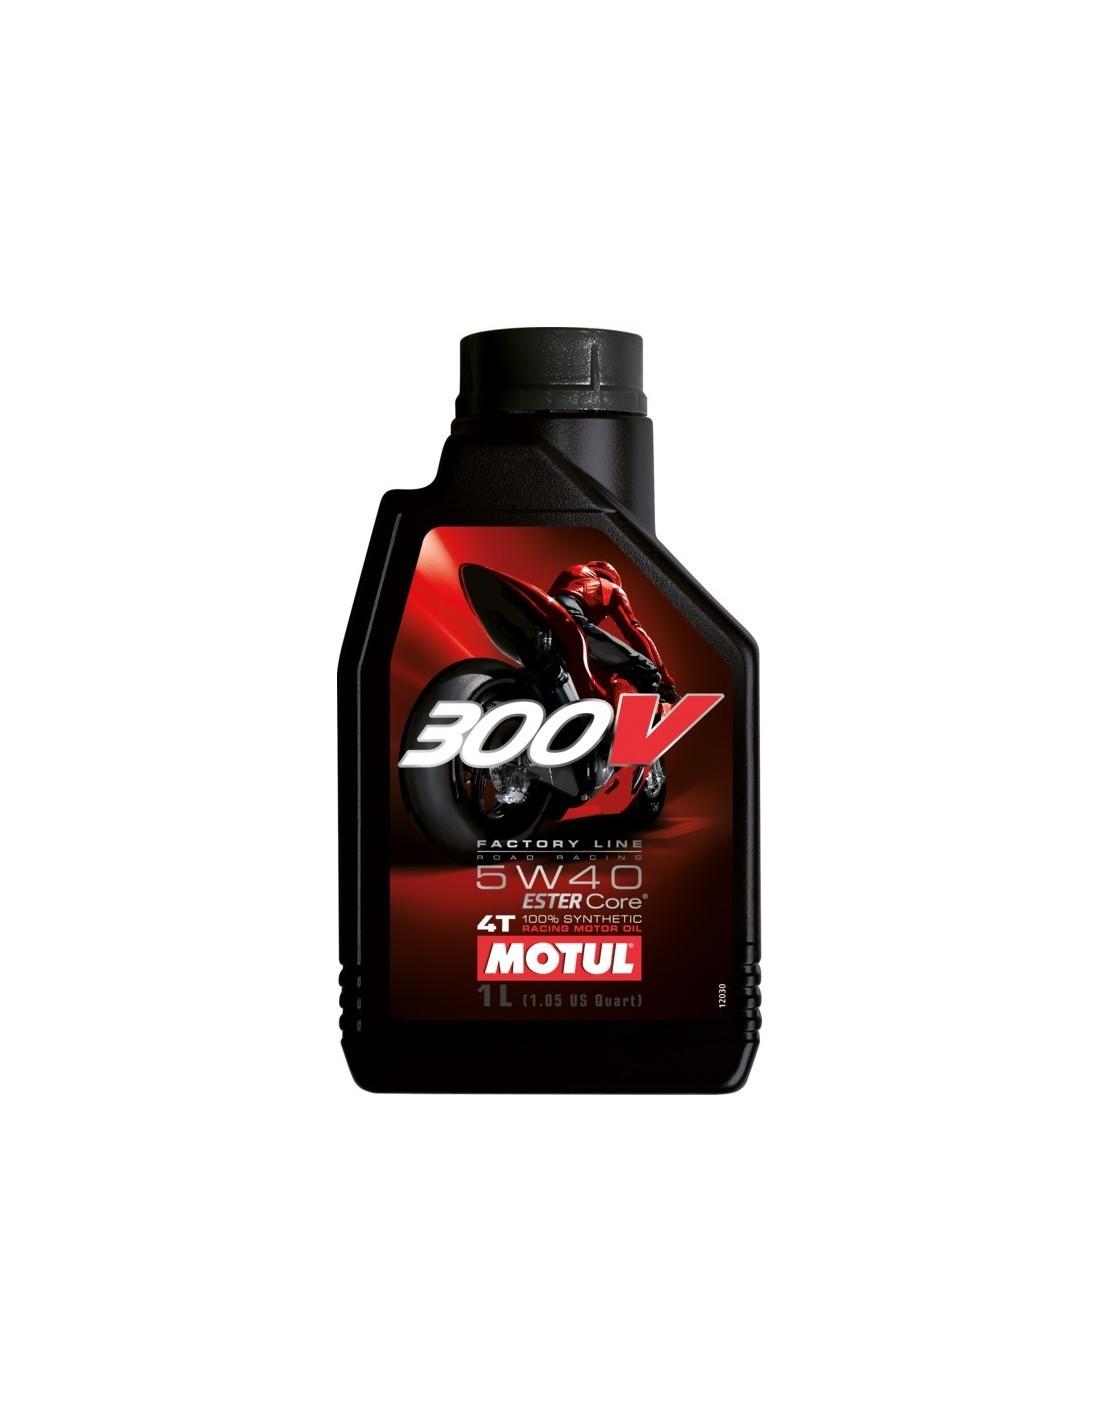 Aceite Motul 300V 4T Factory Line 5W40